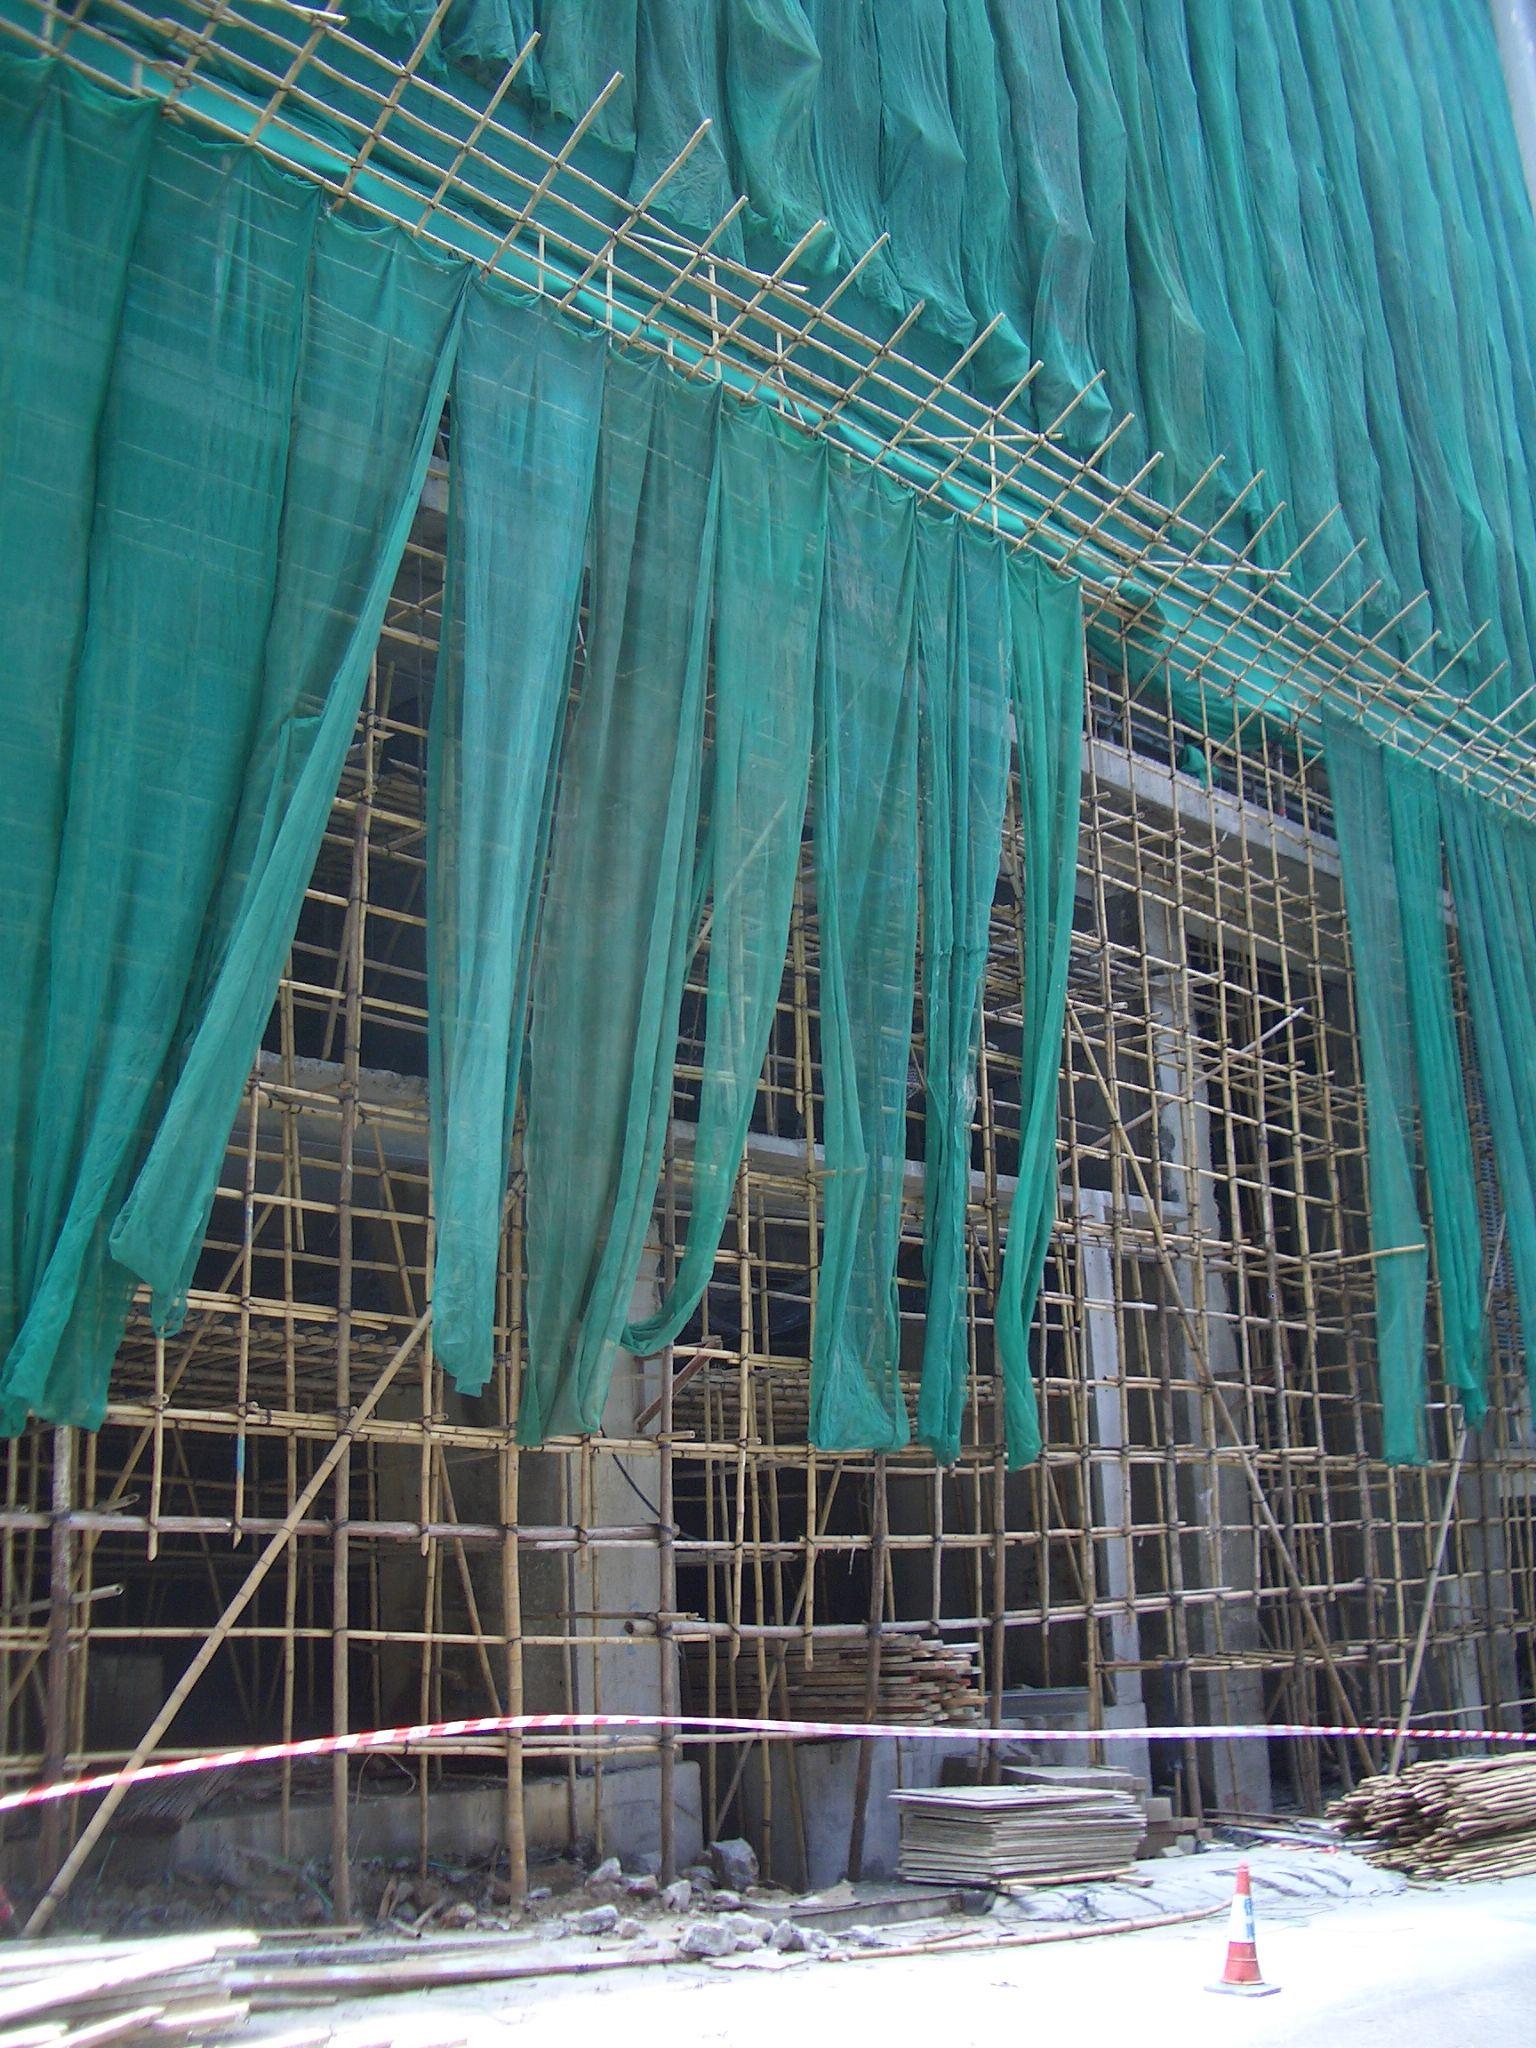 Scaffolding in Hong Kong by nelsonwynn